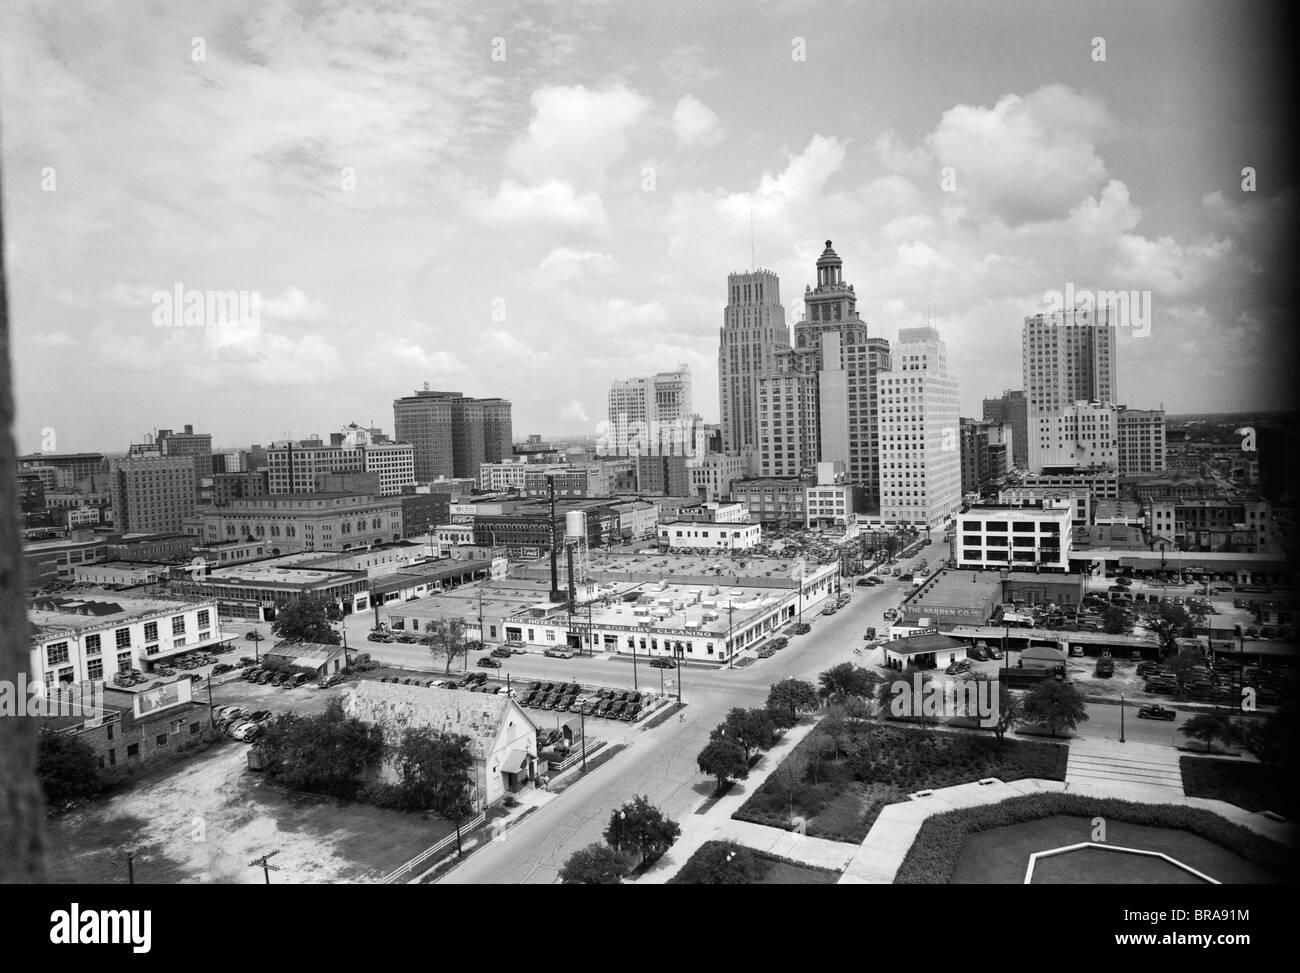 1940 SKYLINE DE QUARTIER DES AFFAIRES DE HOUSTON AU TEXAS, DU CITY HALL Photo Stock